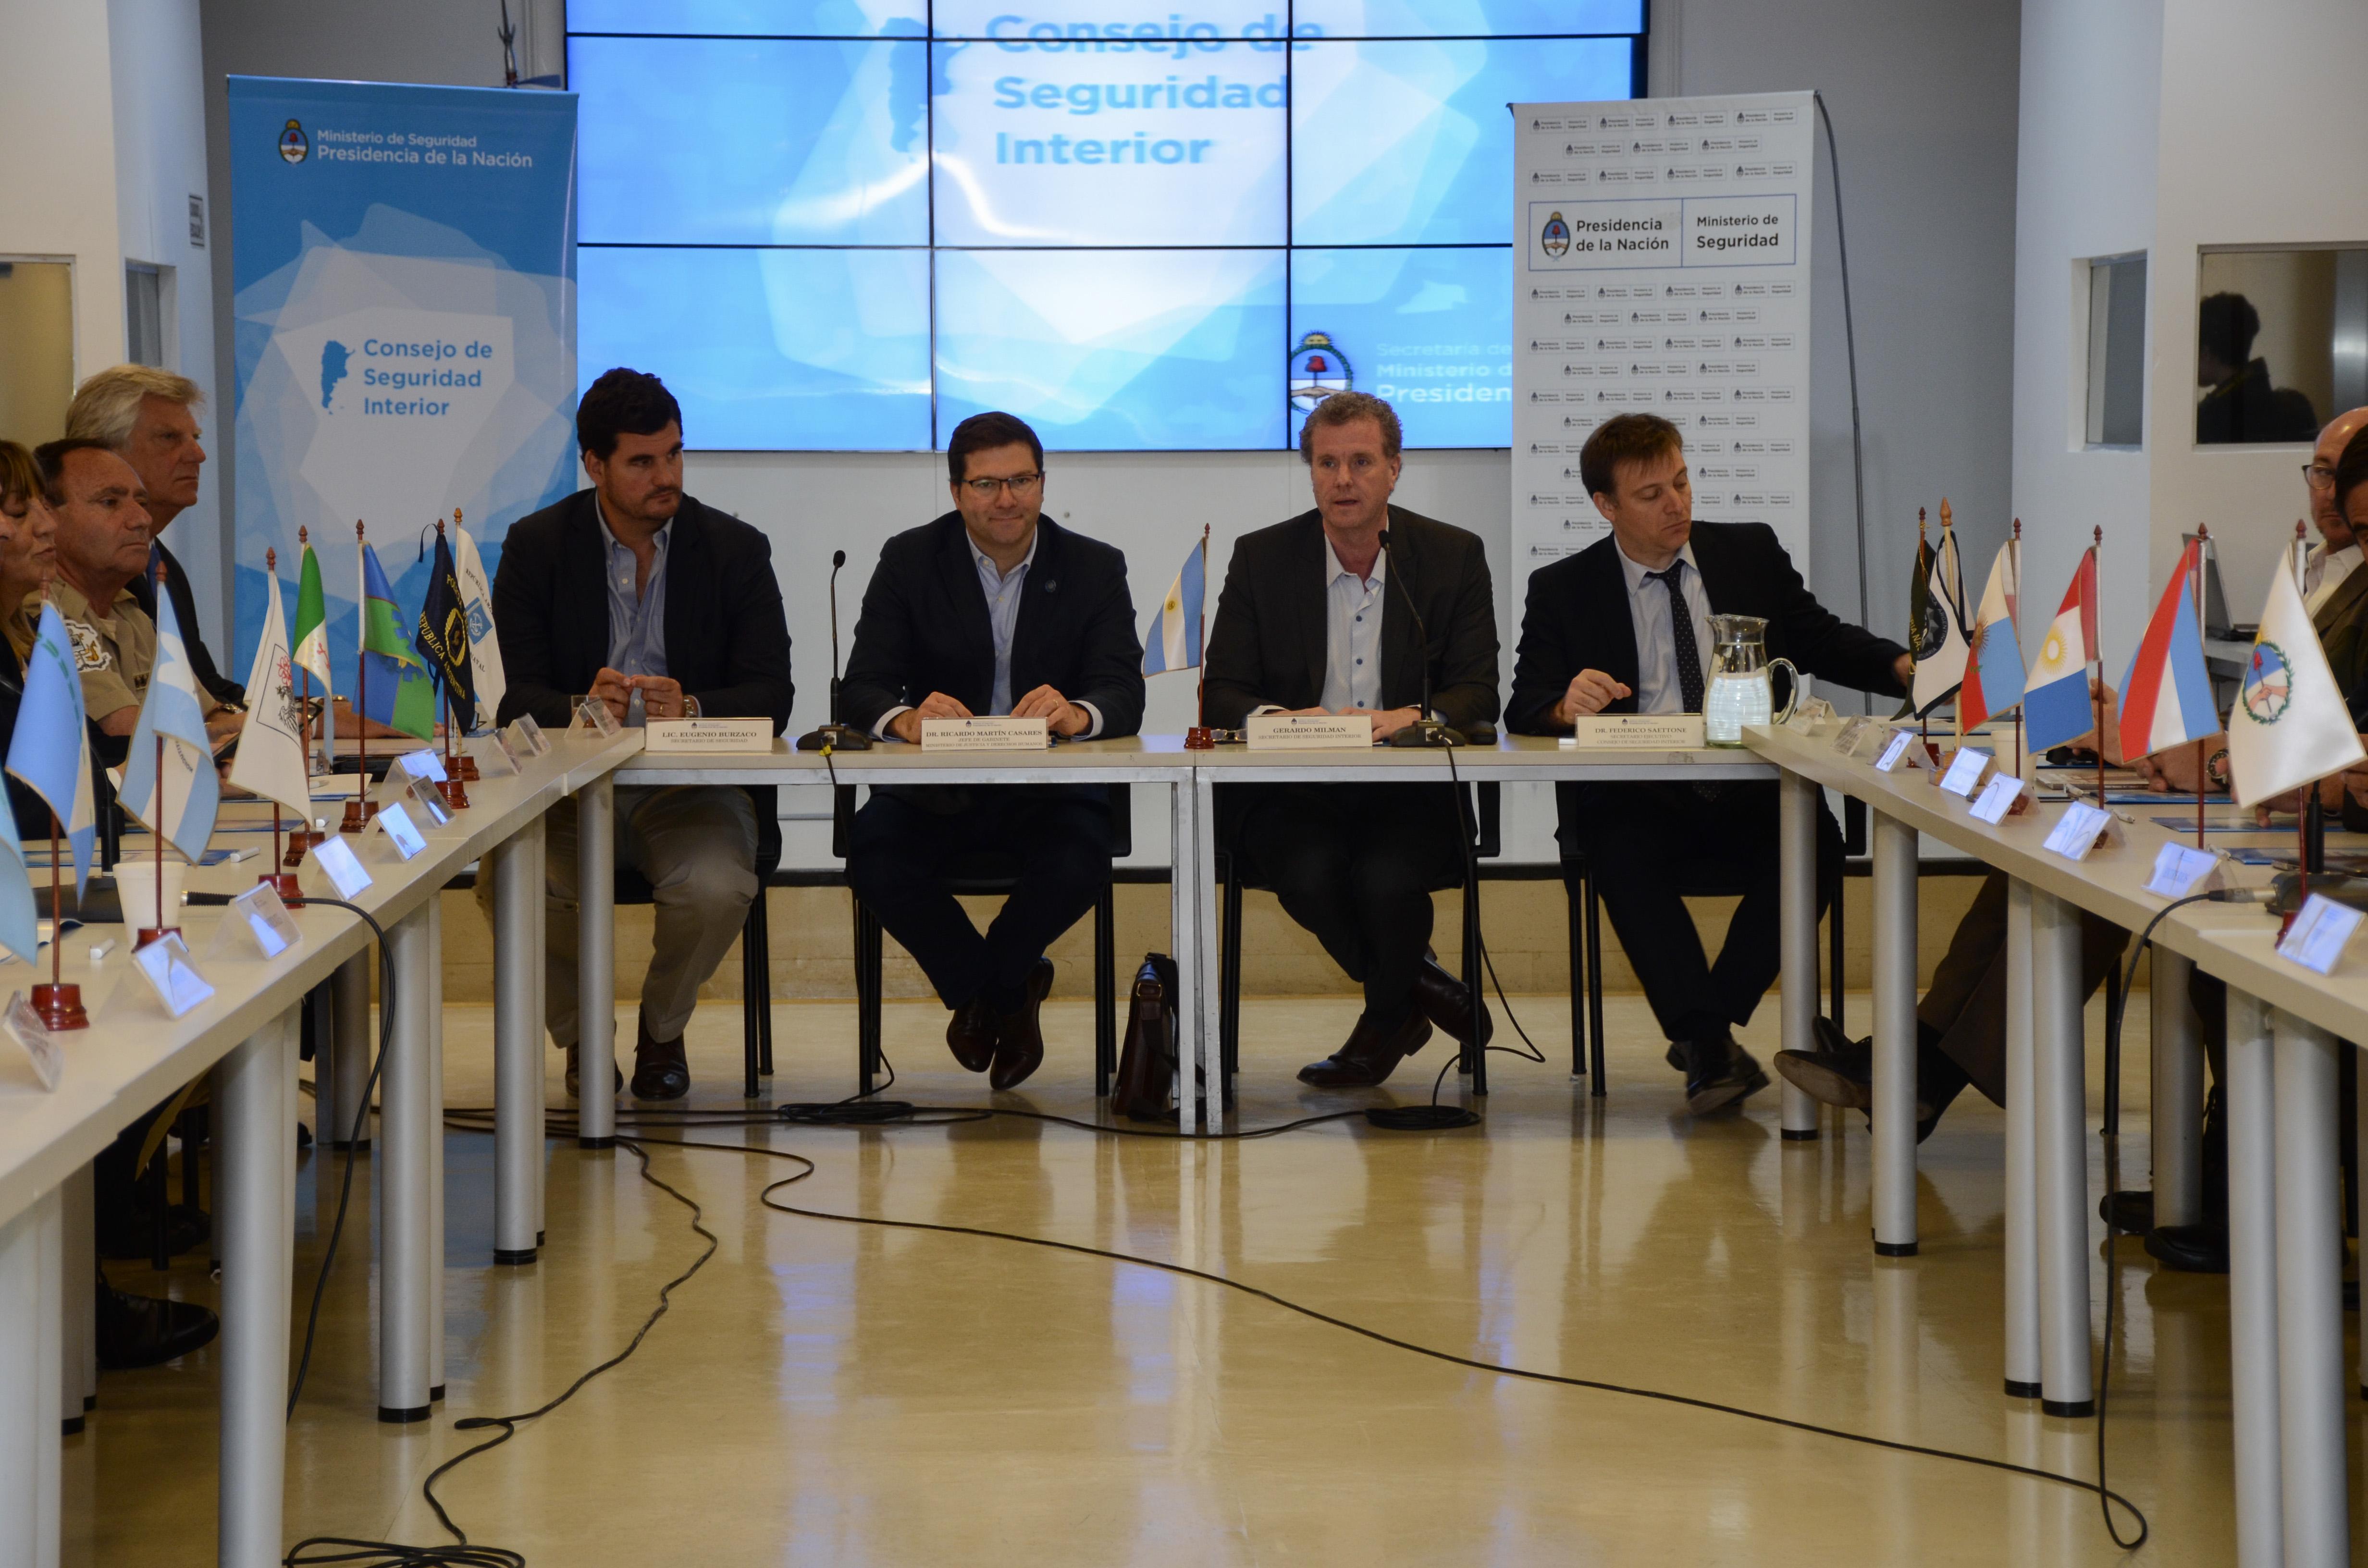 VIII Reunión Nacional del Consejo de Seguridad Interior